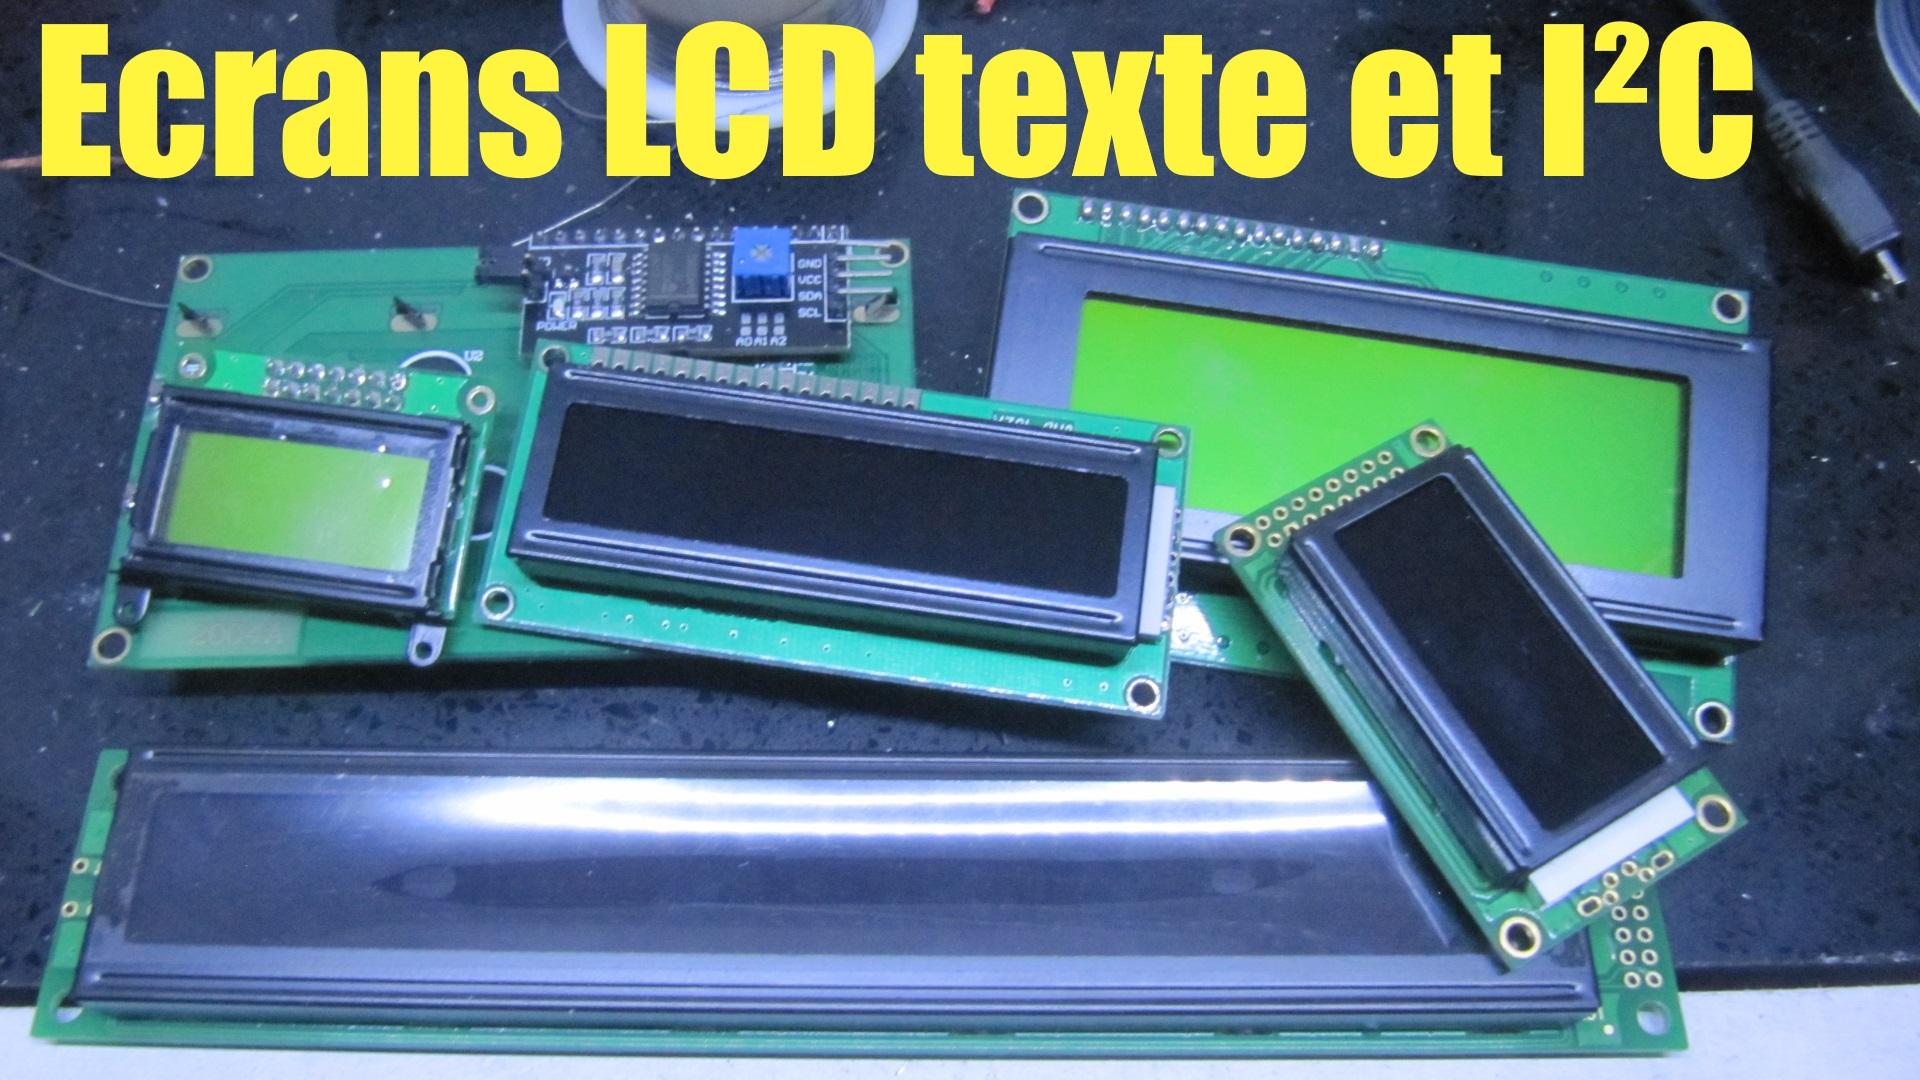 vignette vidéo écrans LCD texte et conversion I2C